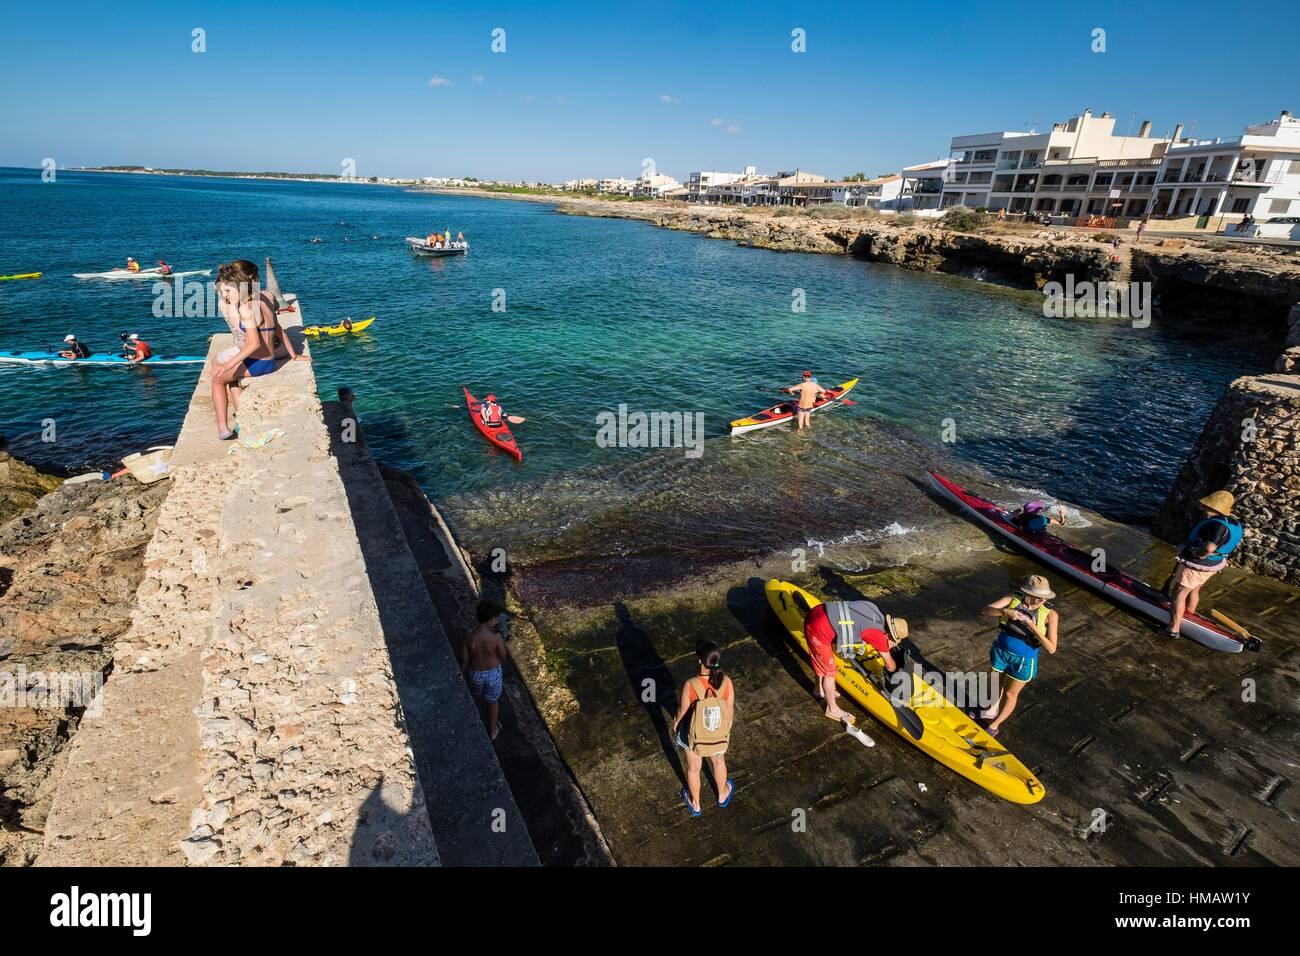 Jahresleistung von Pirogen, Festlichkeiten, Sa Rapita, Campos, Mallorca, Balearen, Spanien Stockbild